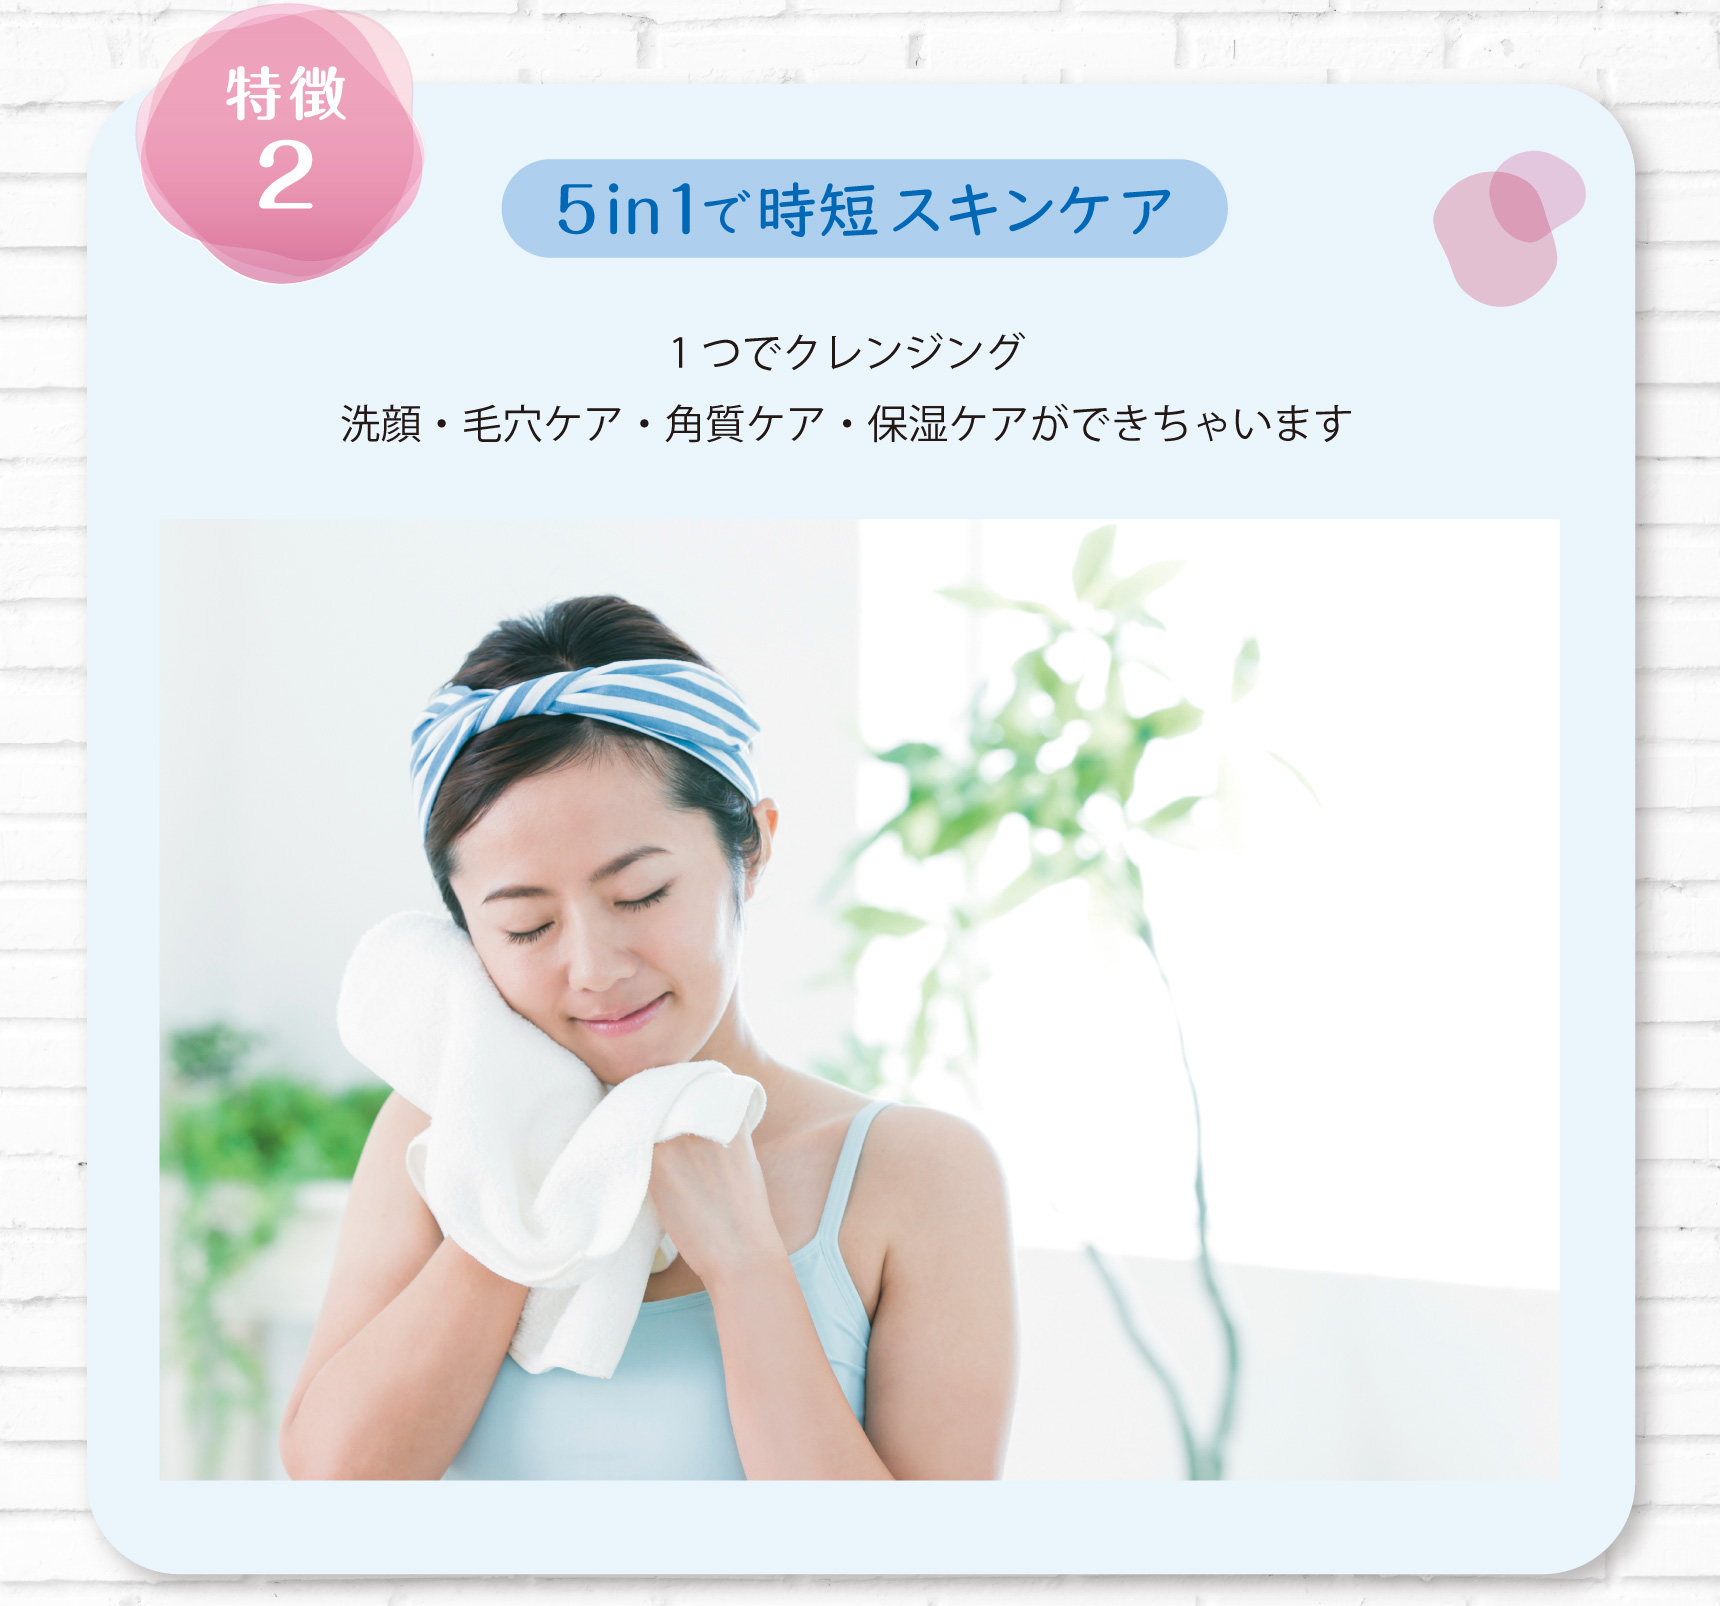 特徴2 5in1で時短スキンケア 1つでクレンジング 洗顔・毛穴ケア・角質ケア・保湿ケアができちゃいます